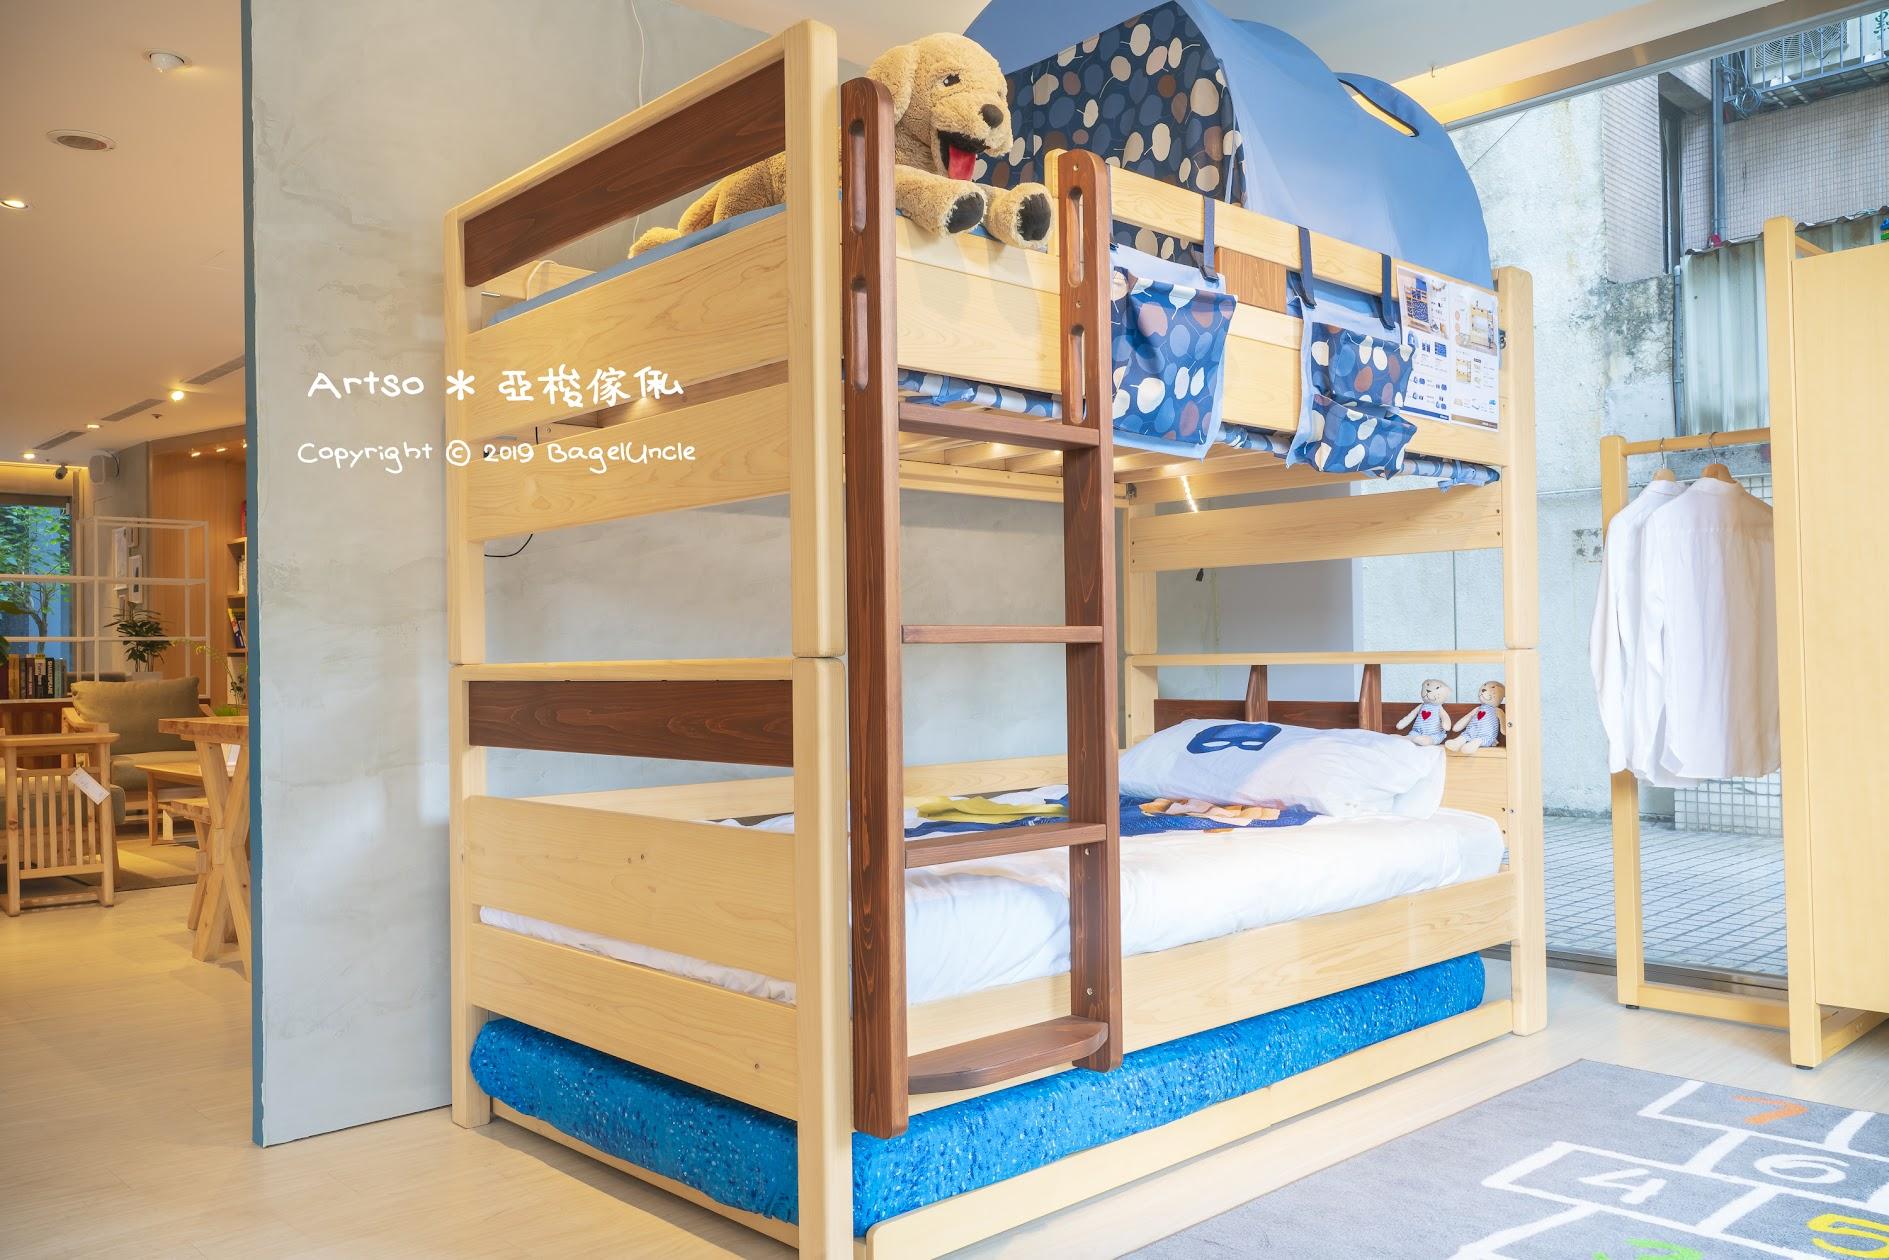 【傢俱】Artso亞梭傢俬檜木傢具。 4款檜木單人床、雙人床、雙層床 一次大公開